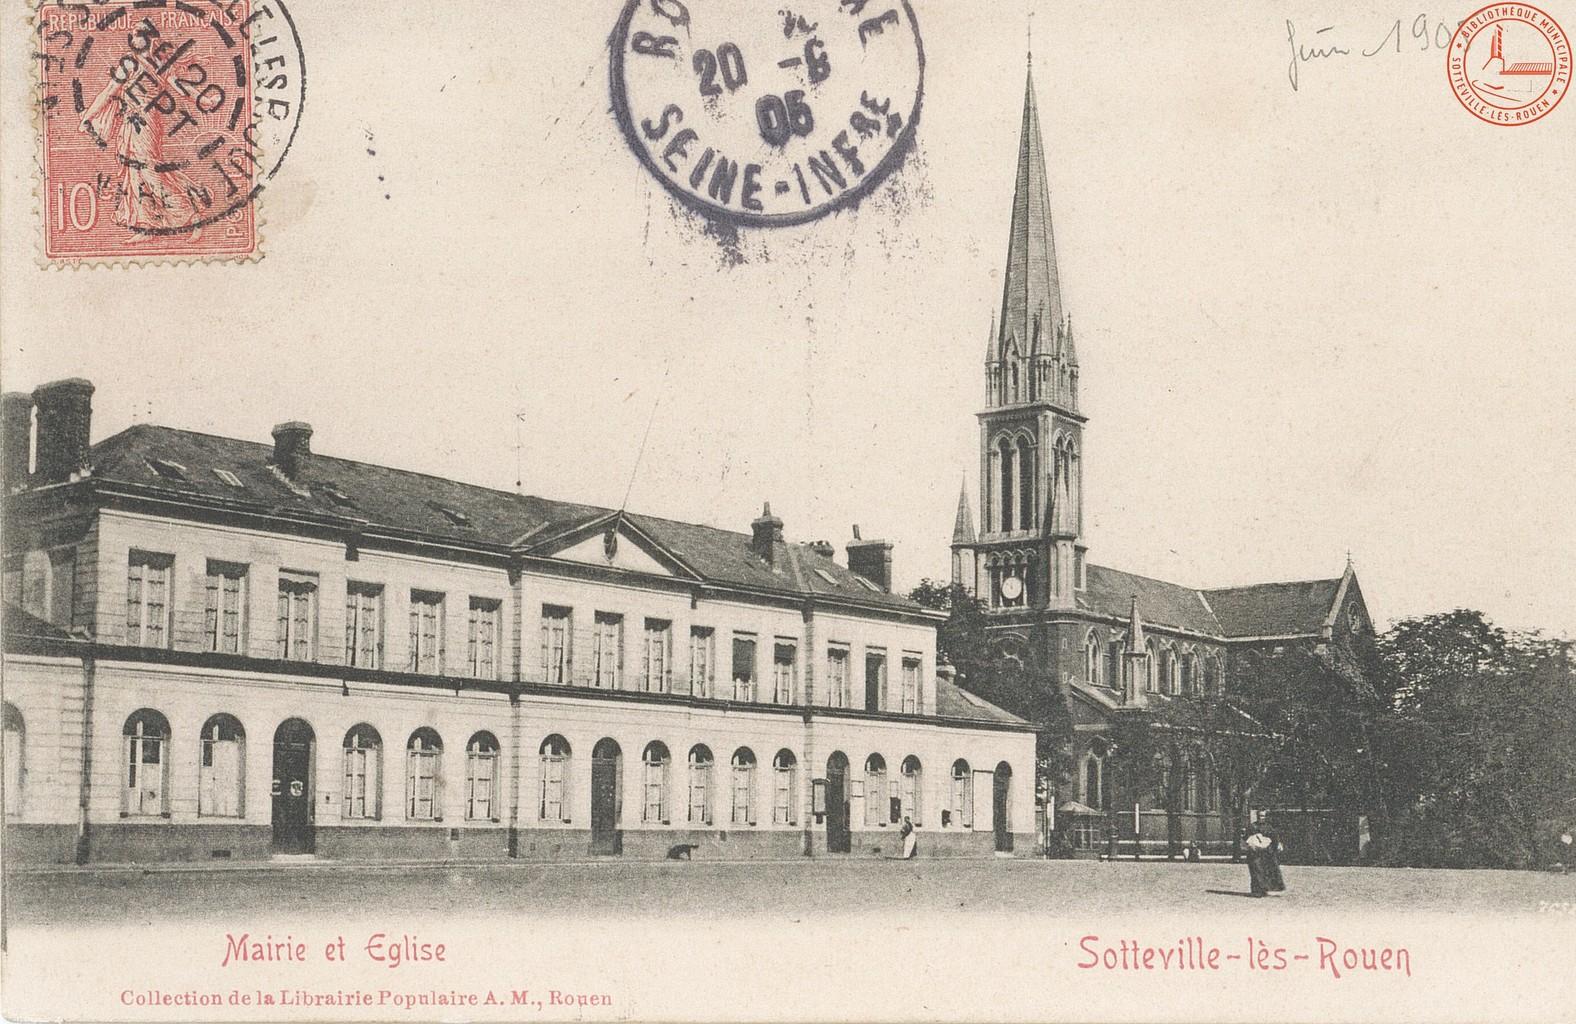 Sotteville-lès-Rouen : Mairie et Eglise  